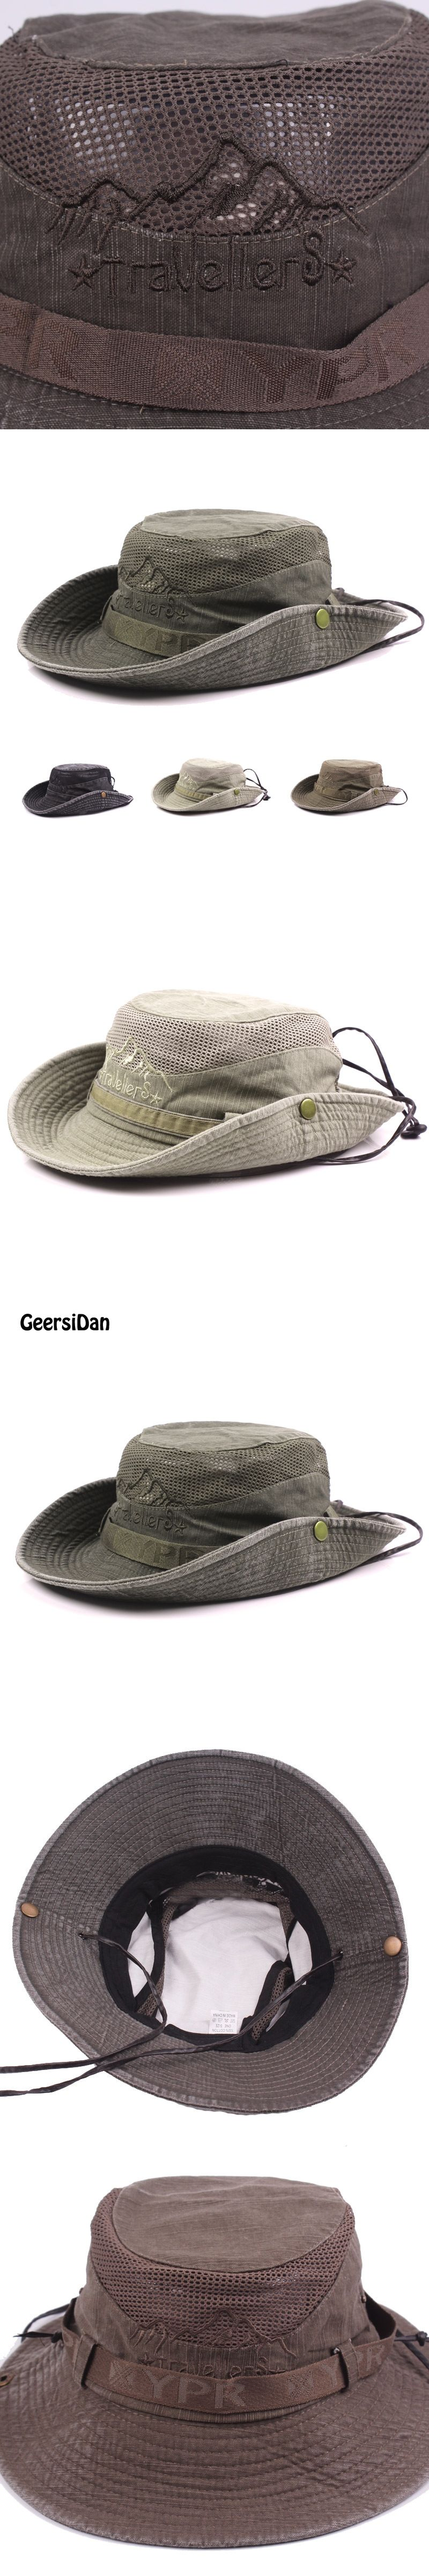 d3fec50b32b GEERSIDAN Men s Bob Summer Bucket Hats Outdoor Fishing Wide Brim Hat UV  Protection Cap Men Hiking